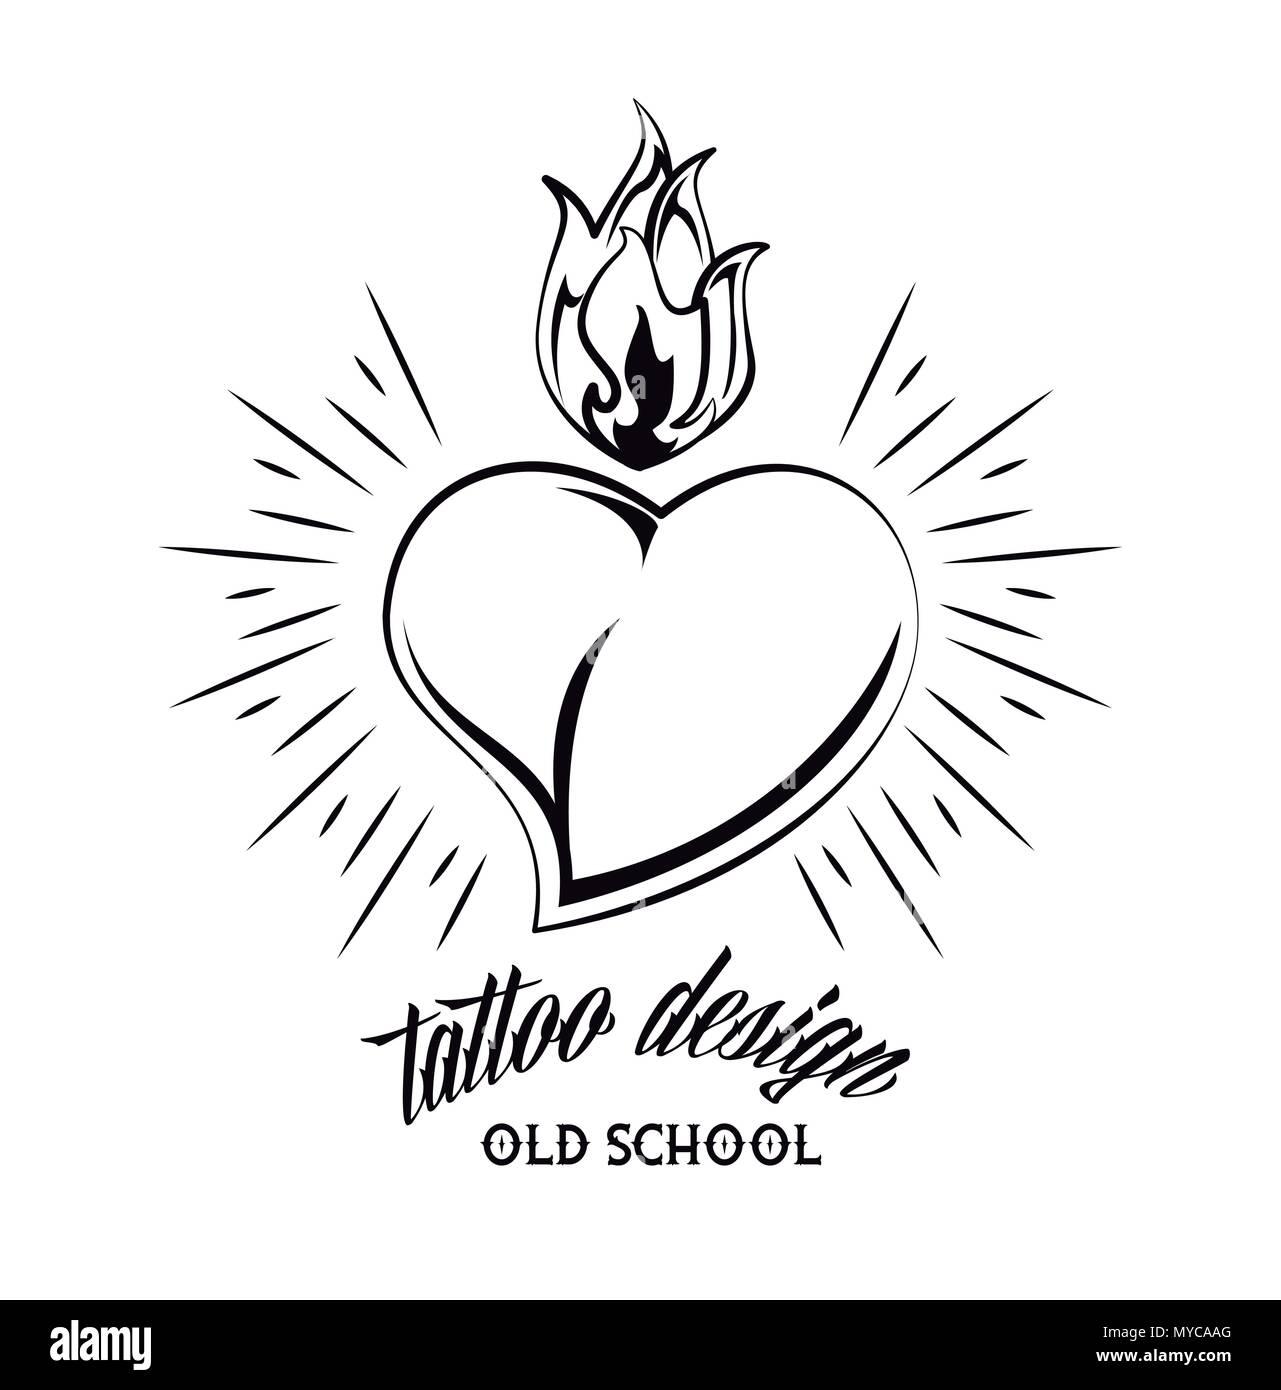 Tattoo Studio Diseño En Blanco Y Negro Ilustración Del Vector